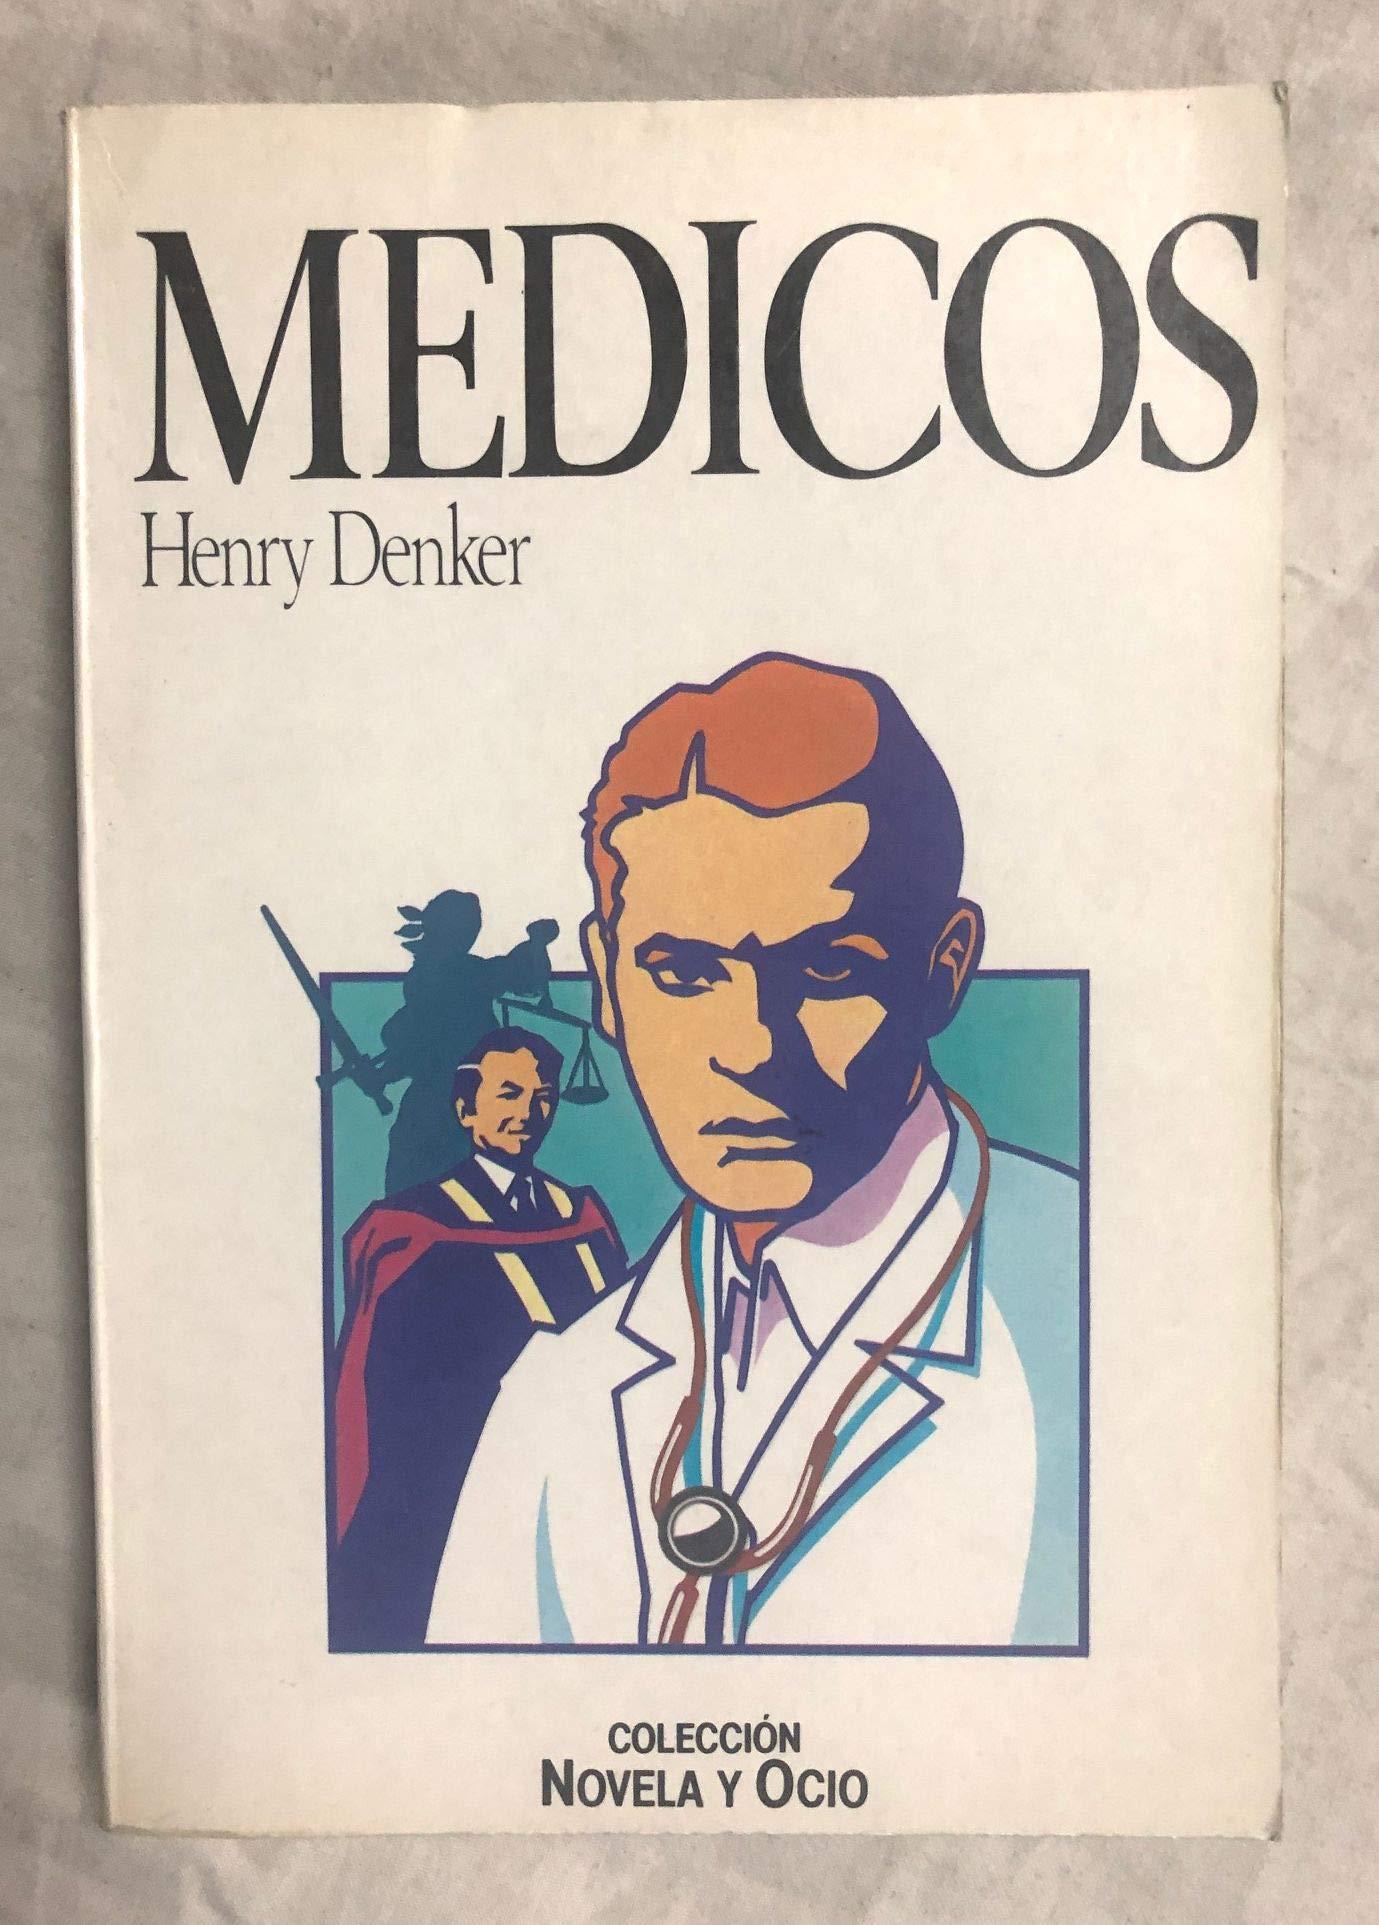 MEDICOS. Col. Novela y Ocio: Amazon.es: DENKER, Henry: Libros